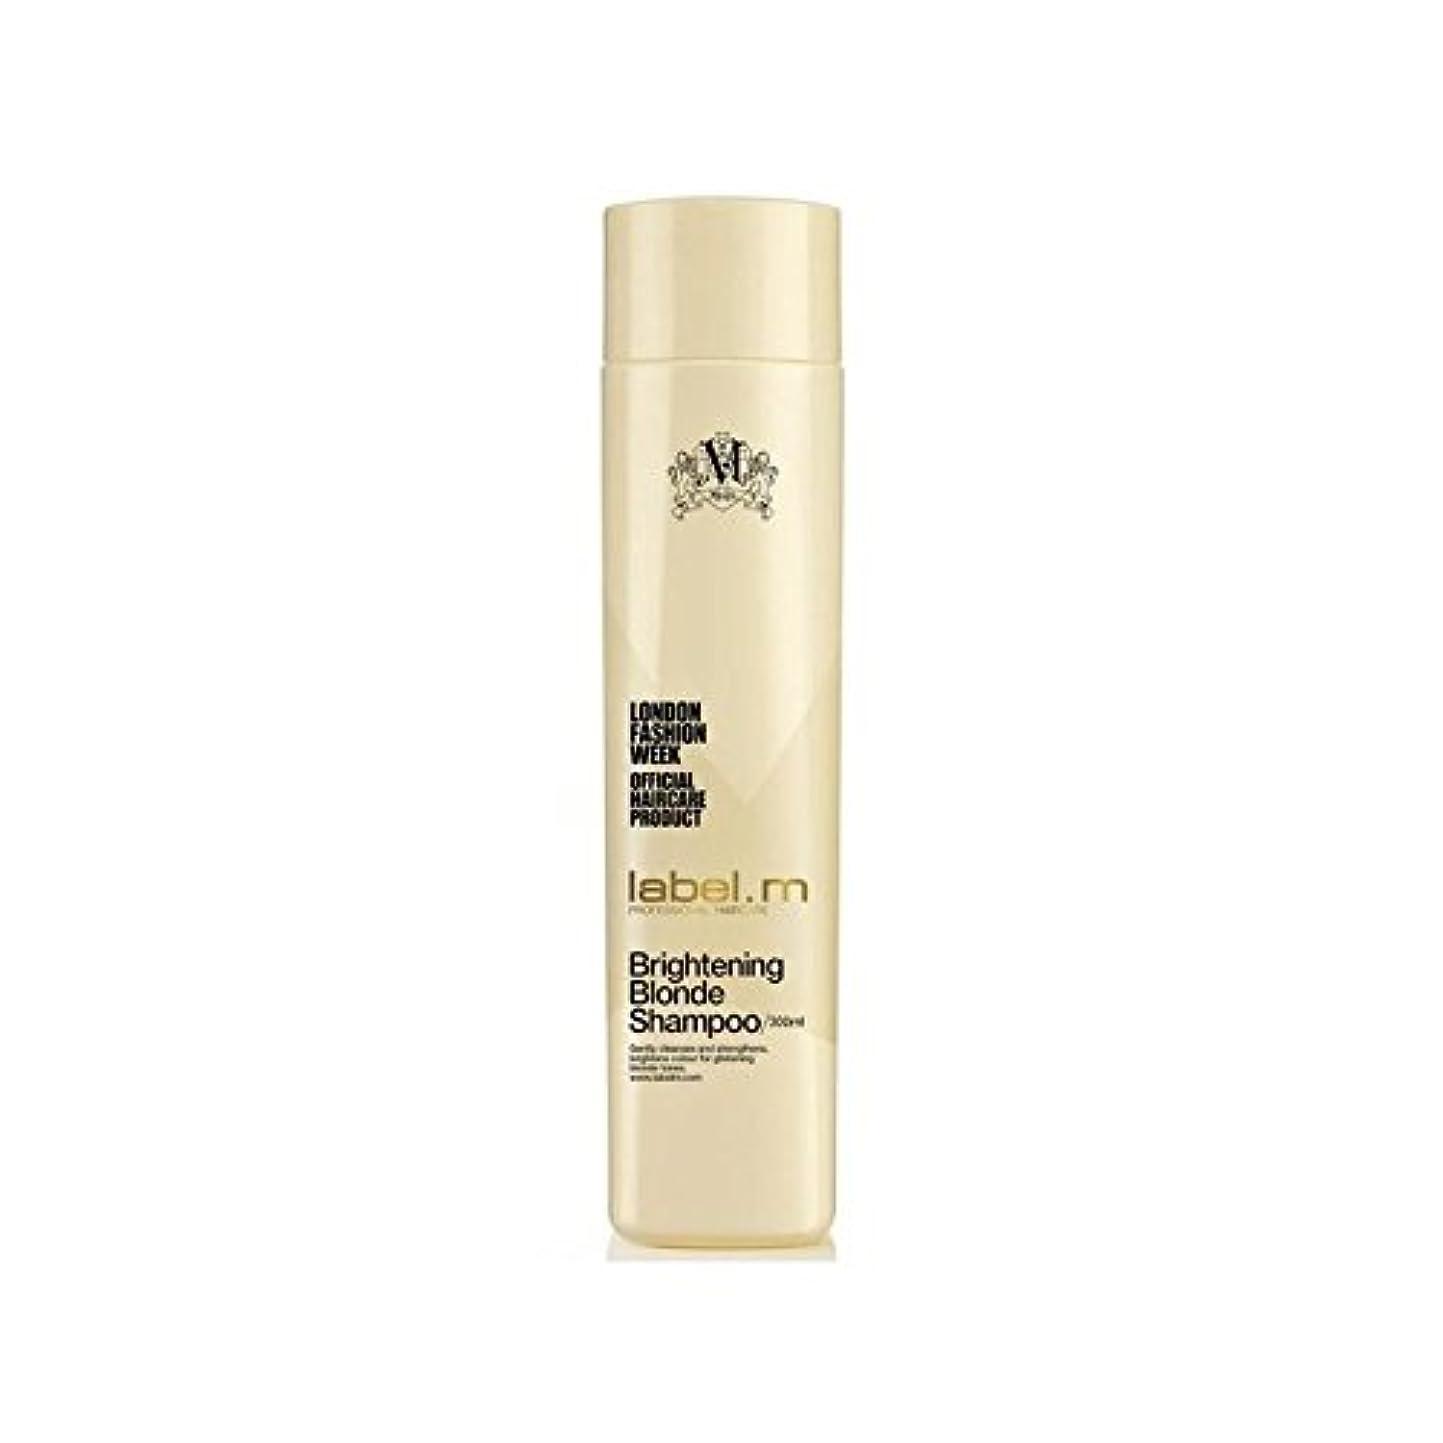 暴徒あなたのものオゾン.明るくブロンドシャンプー(300ミリリットル) x2 - Label.M Brightening Blonde Shampoo (300ml) (Pack of 2) [並行輸入品]